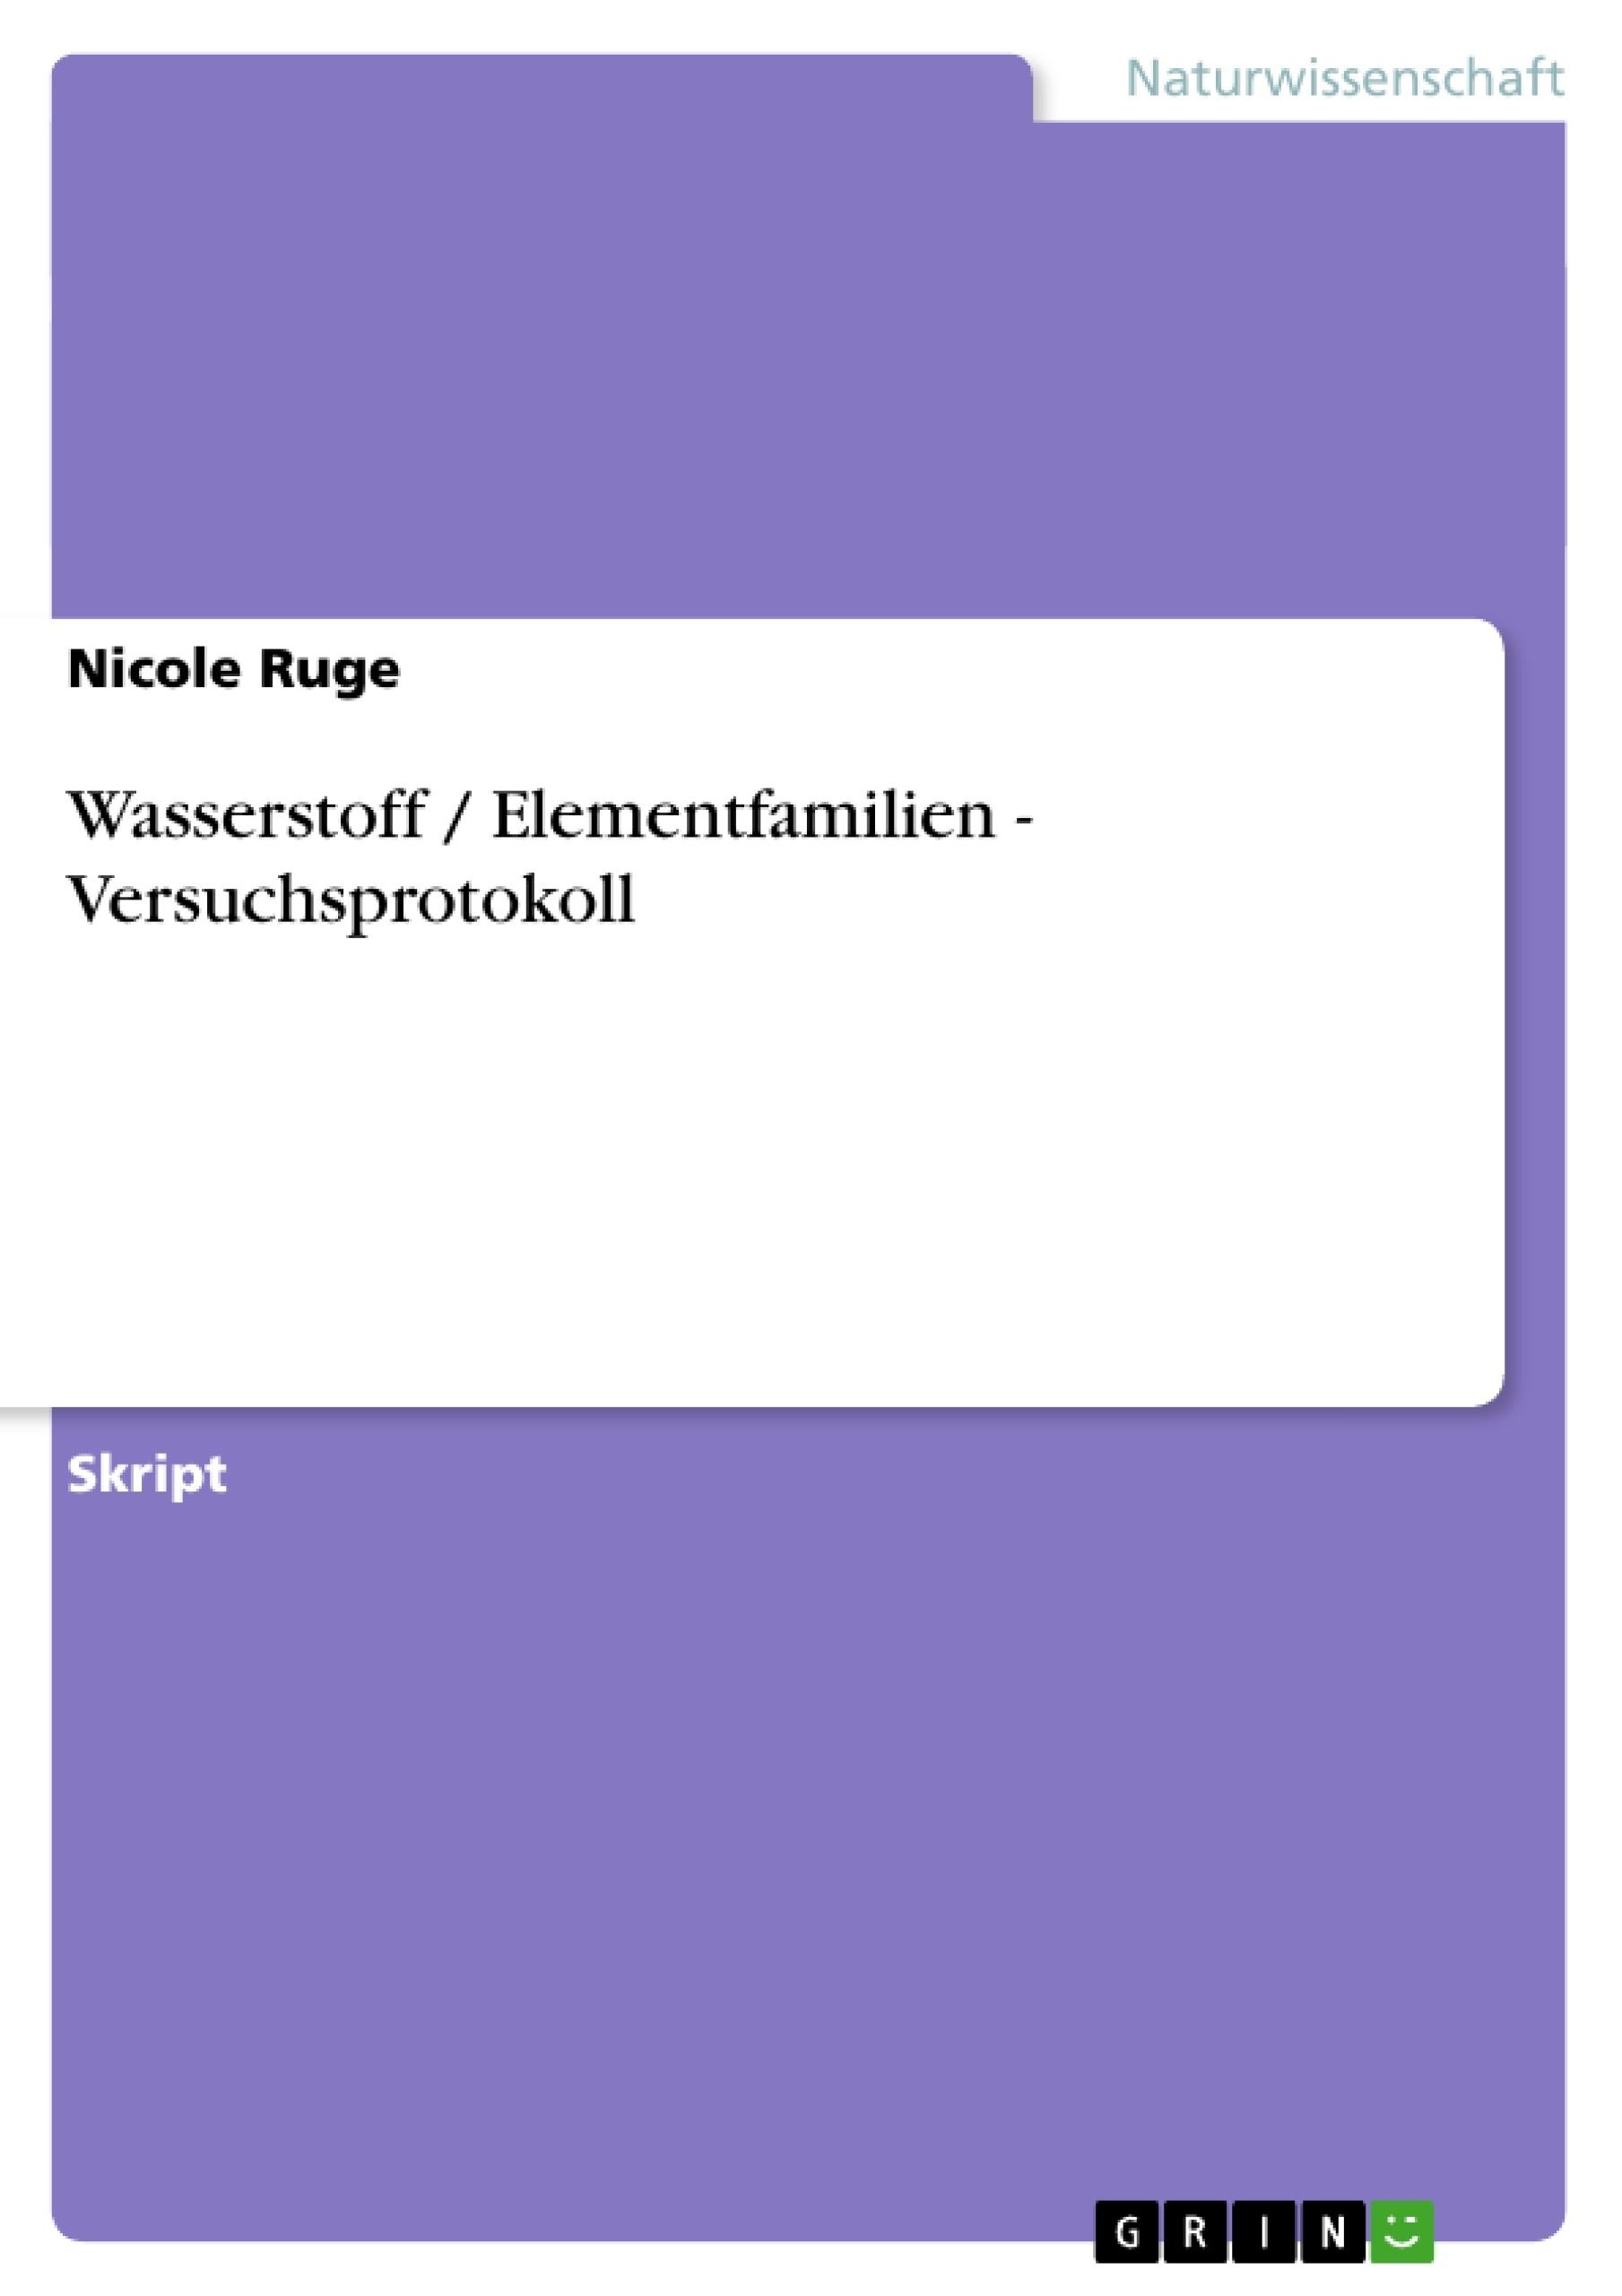 Titel: Wasserstoff / Elementfamilien - Versuchsprotokoll